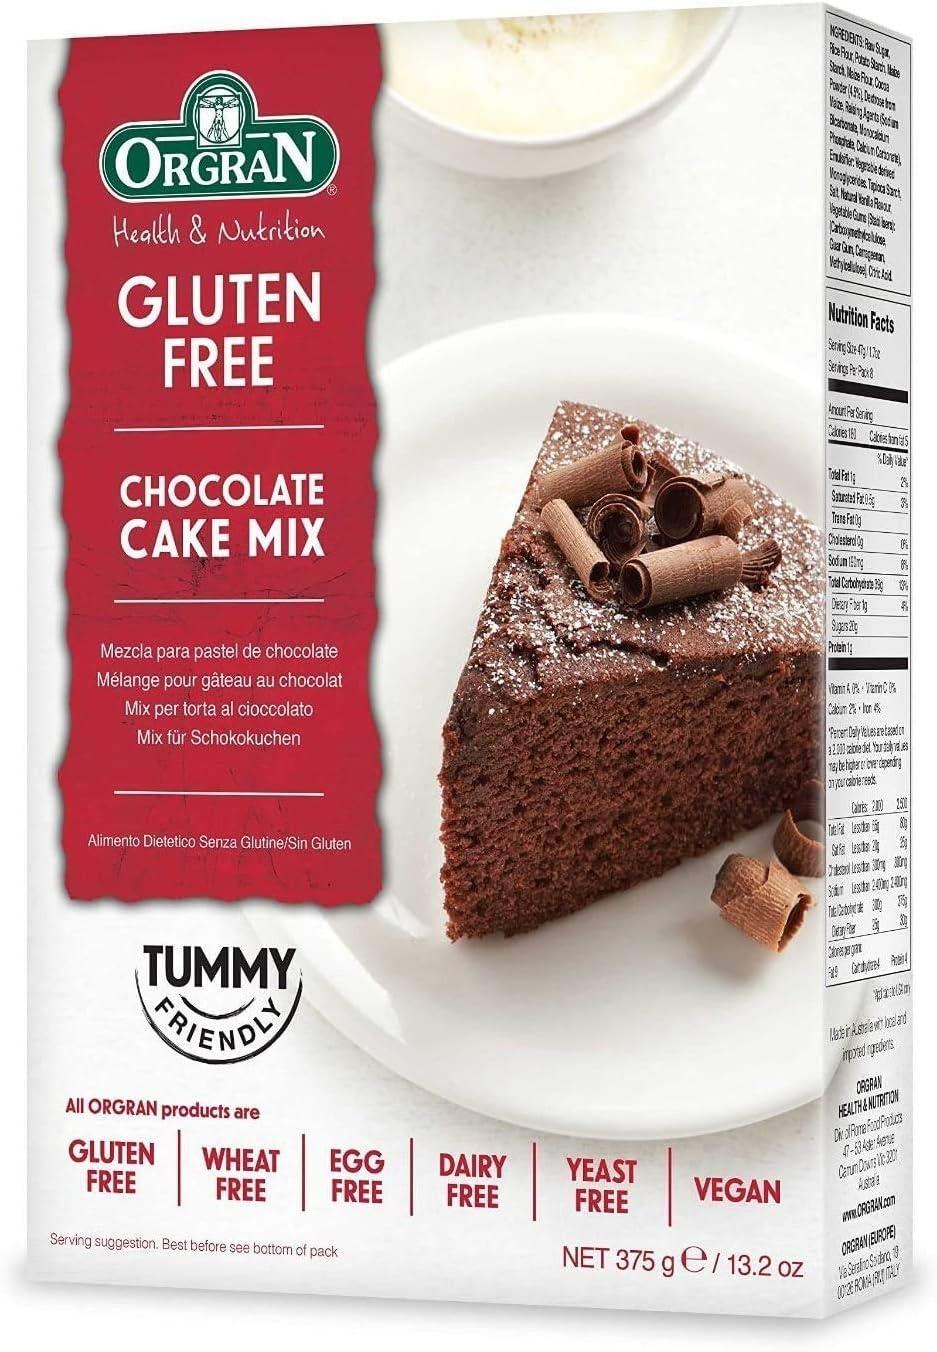 Orgran Chocolate Cake Mix en Caja - 375 gr: Amazon.es: Alimentación y bebidas